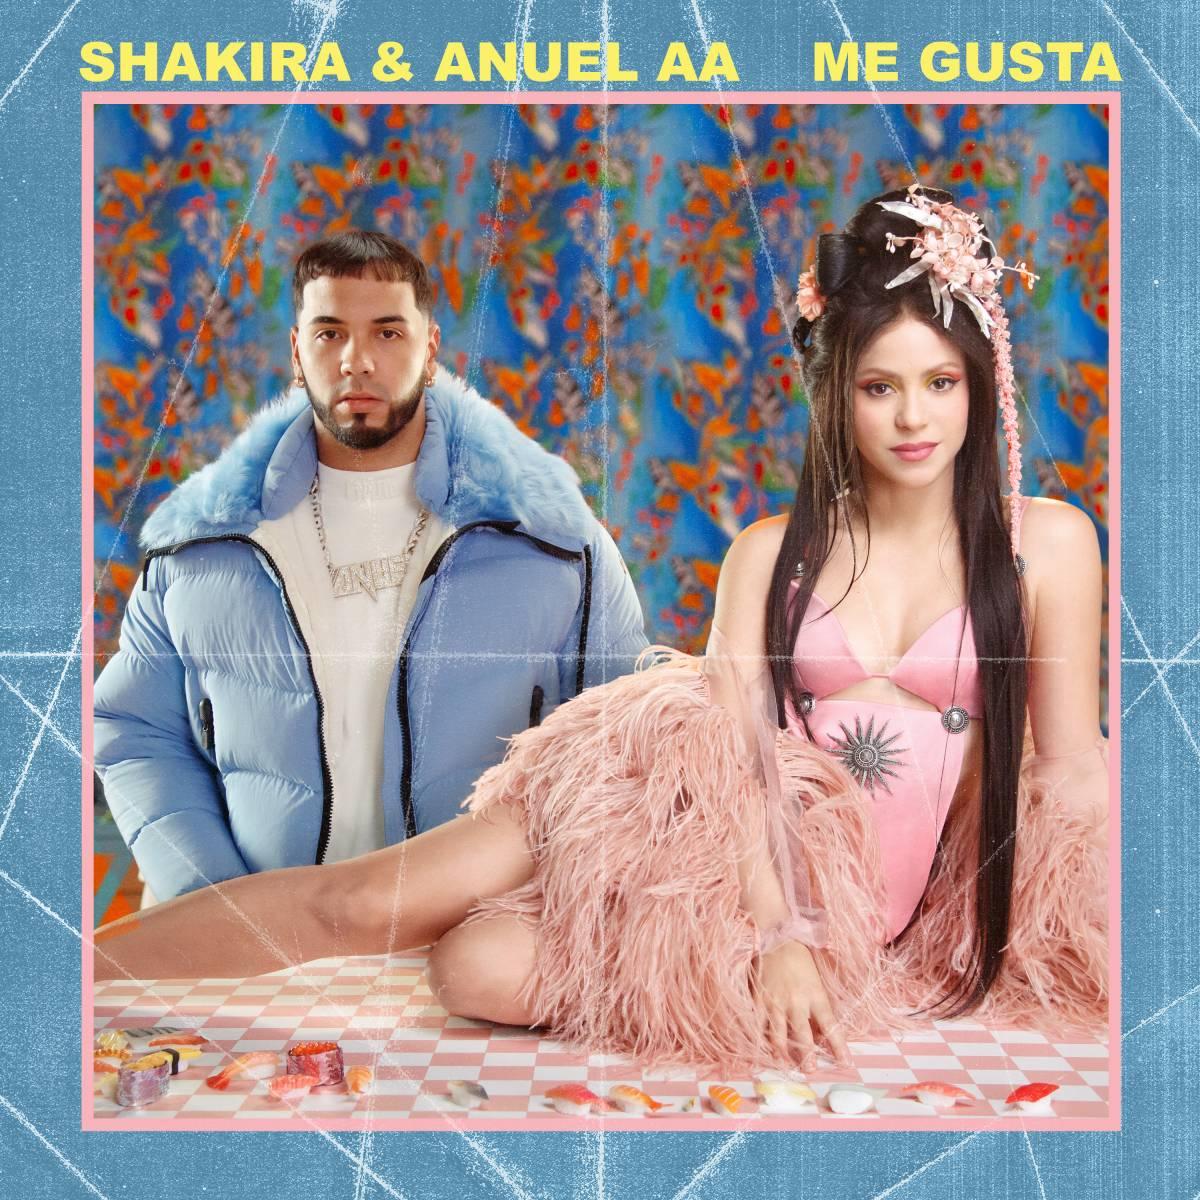 , Η Shakira κυκλοφορεί νέα συνεργασία με τον Anuel AA με τίτλο ME GUSTA!